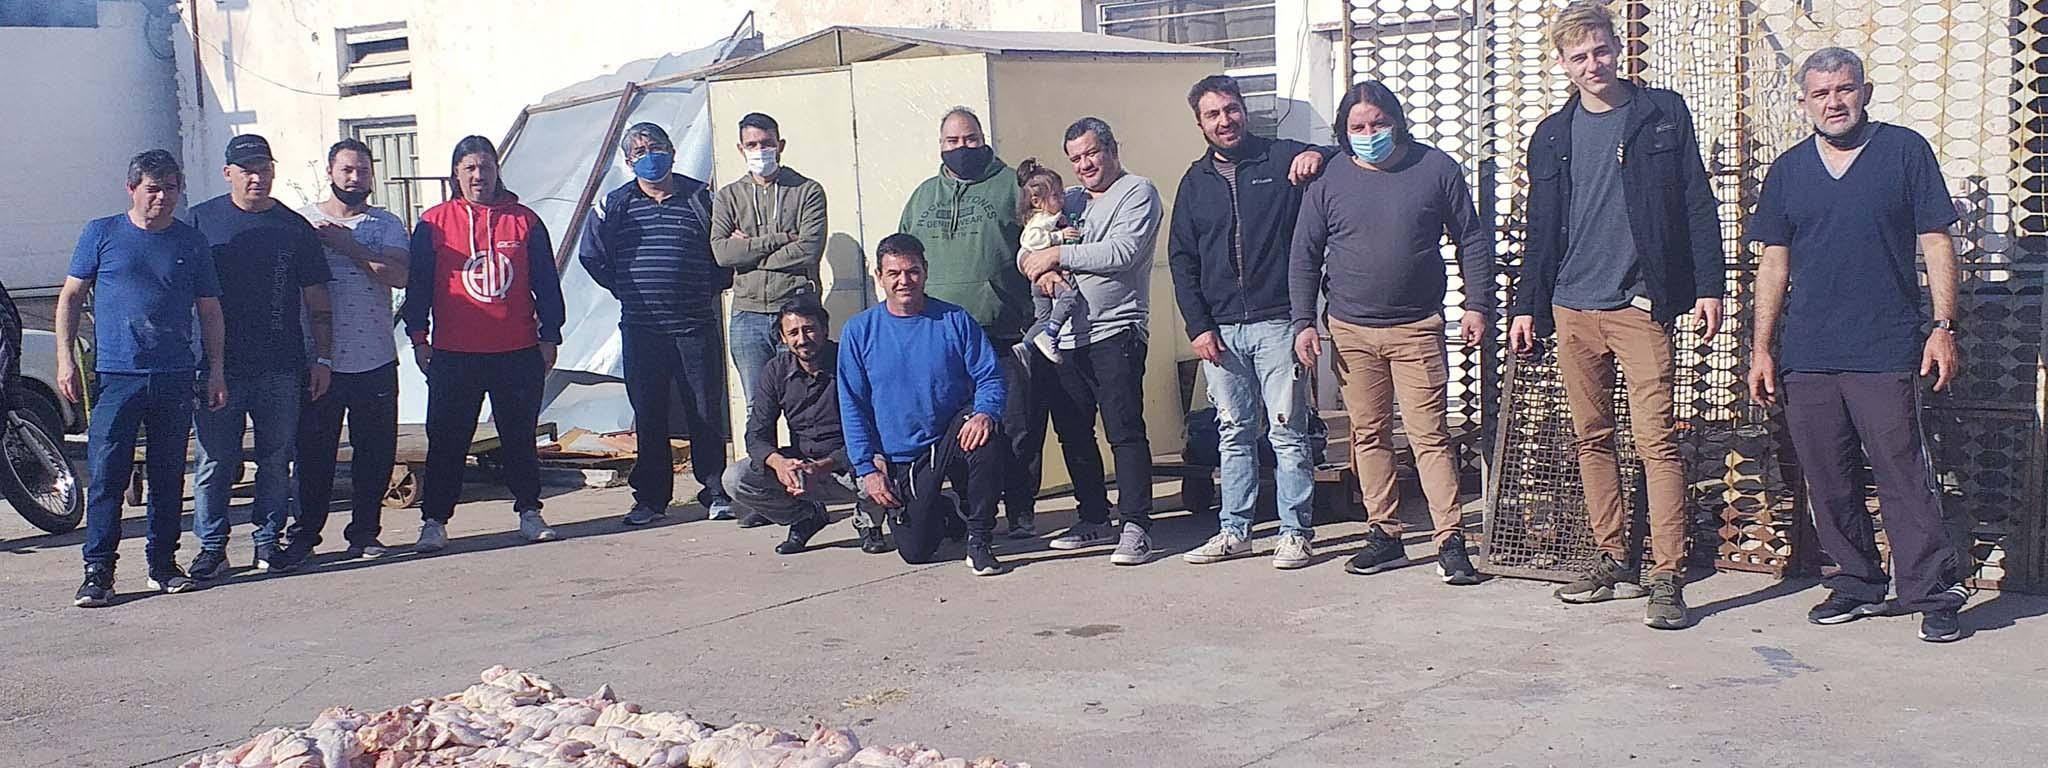 AUTISMO: Con la acción solidaria, la Fundación El Placer de Jugar sacó pasaje a Las Grutas